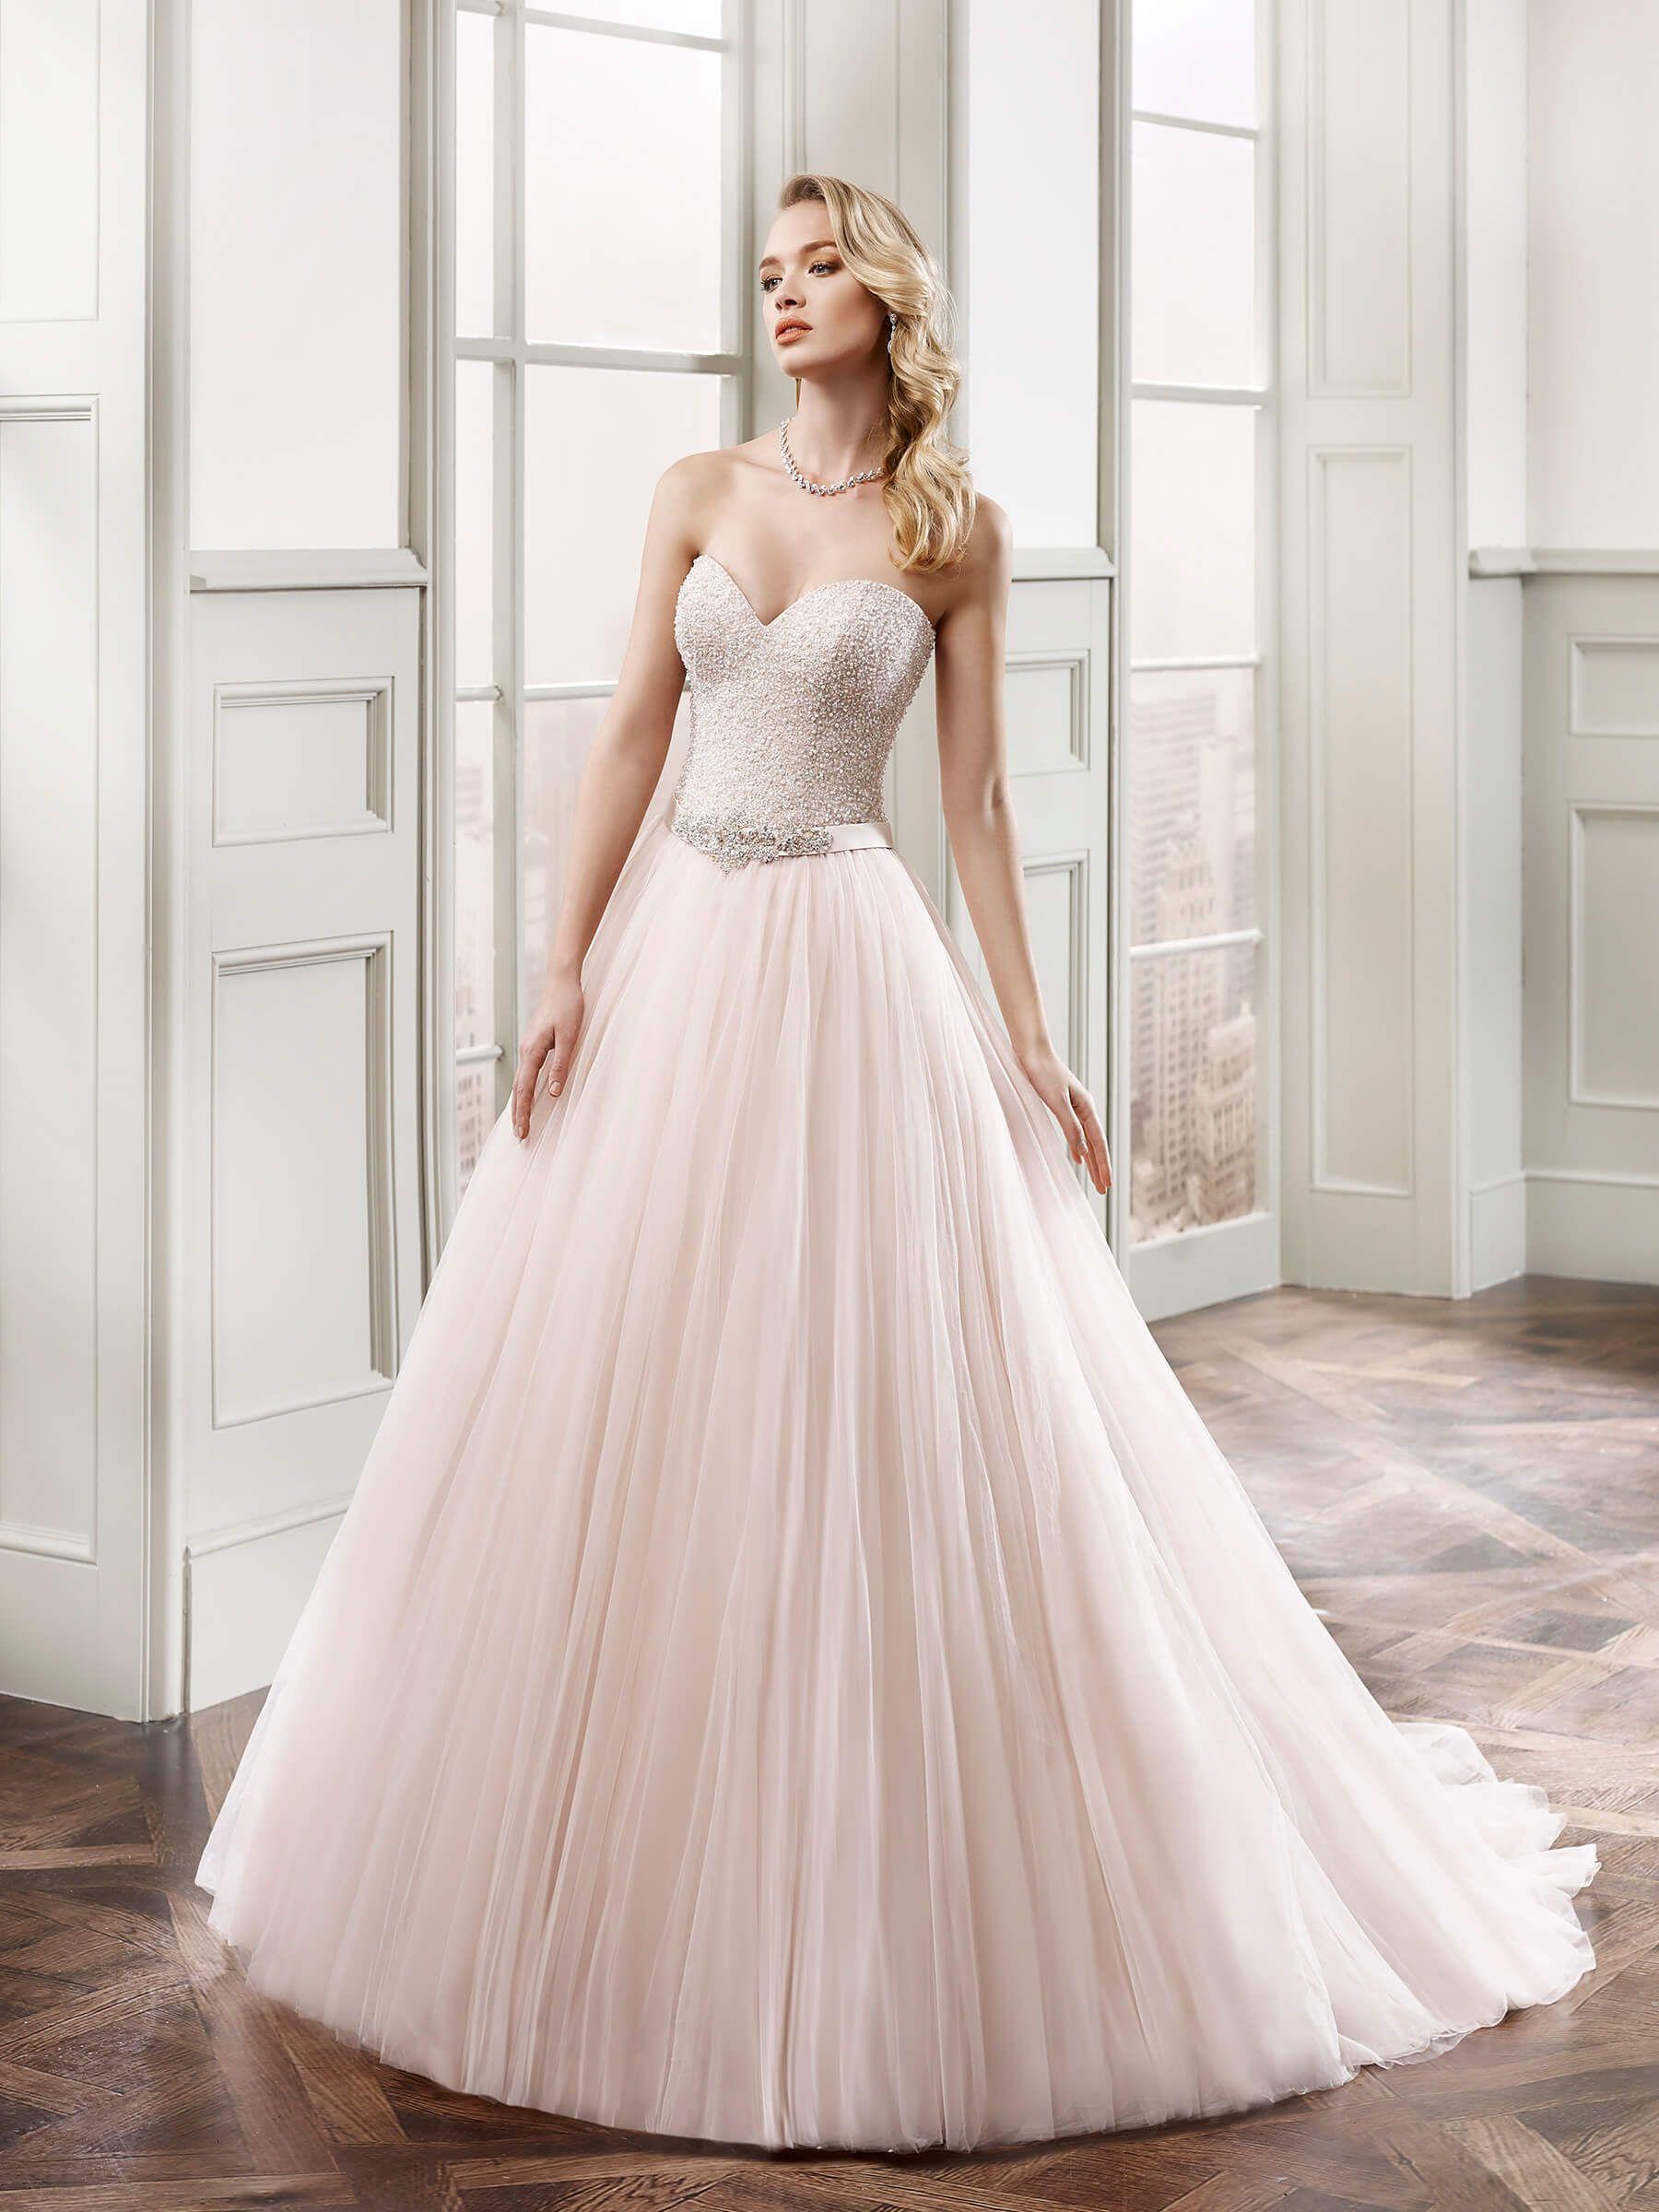 54316a2a9f Eddy K. - MD174 - Royal esküvői ruhaszalon | Esküvői ötletek ...